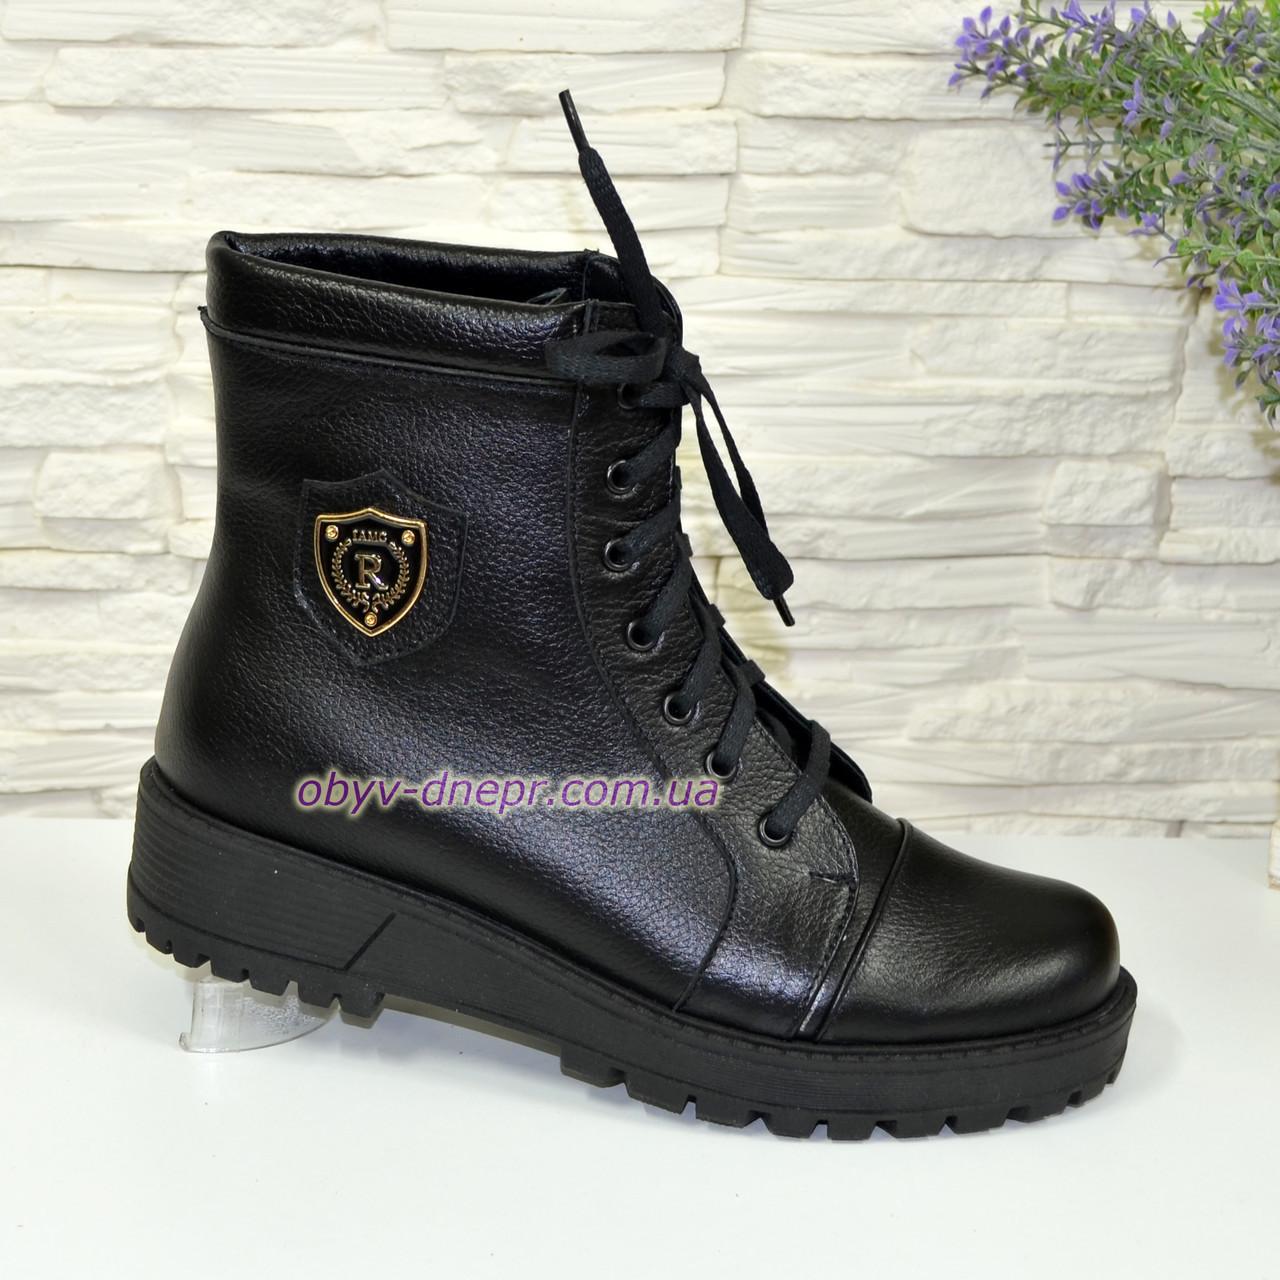 Ботинки женские зимние на шнуровке, натуральная кожа флотар, фото 1